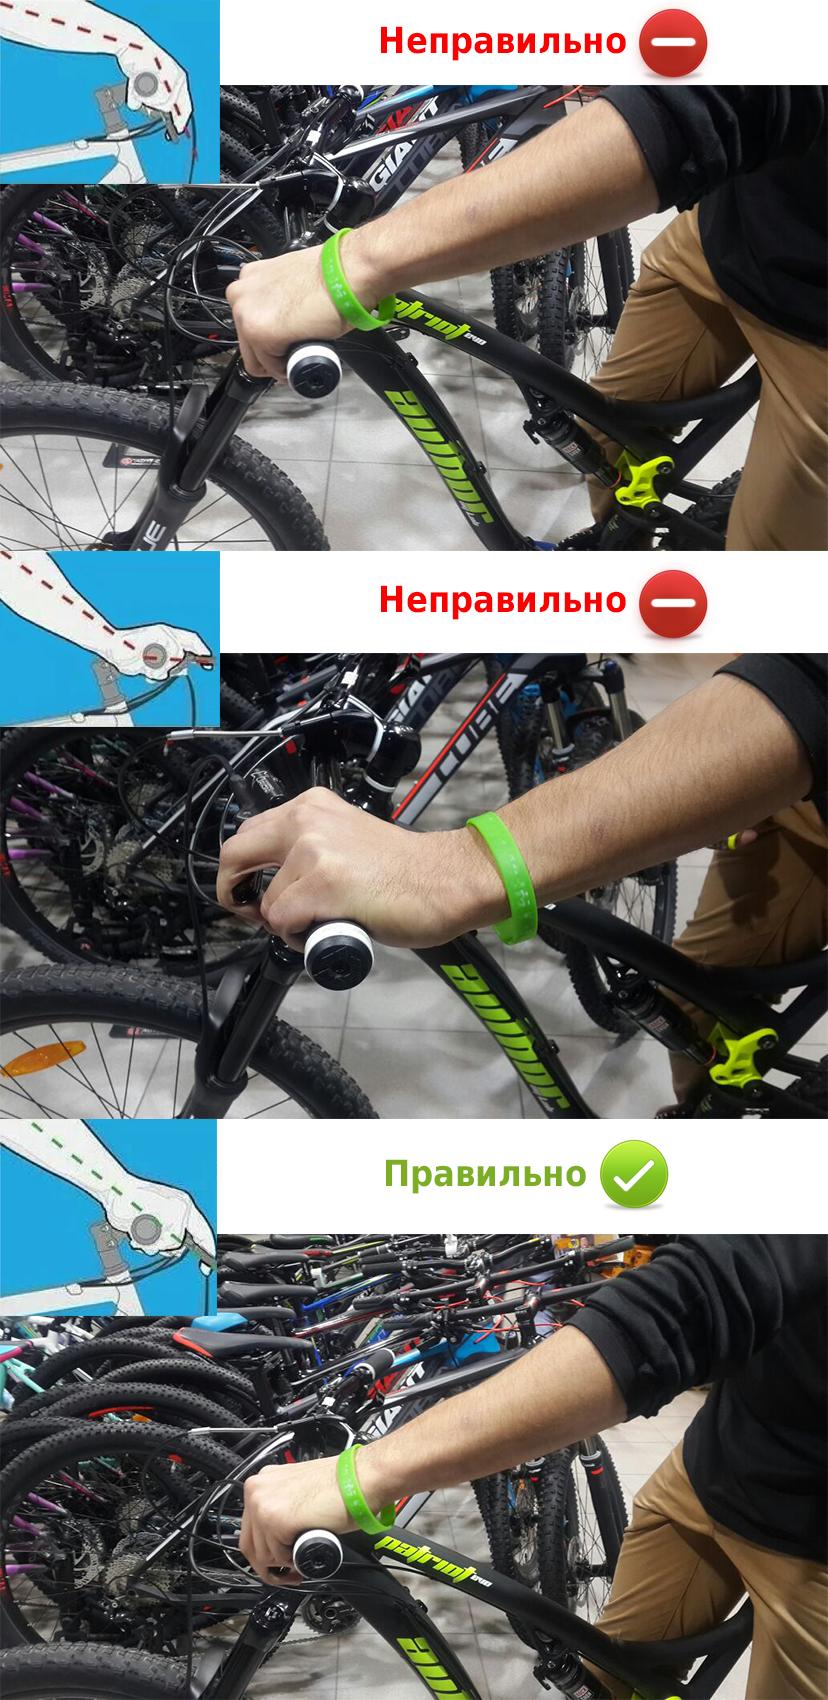 Если болят запястья после езды на велосипеде